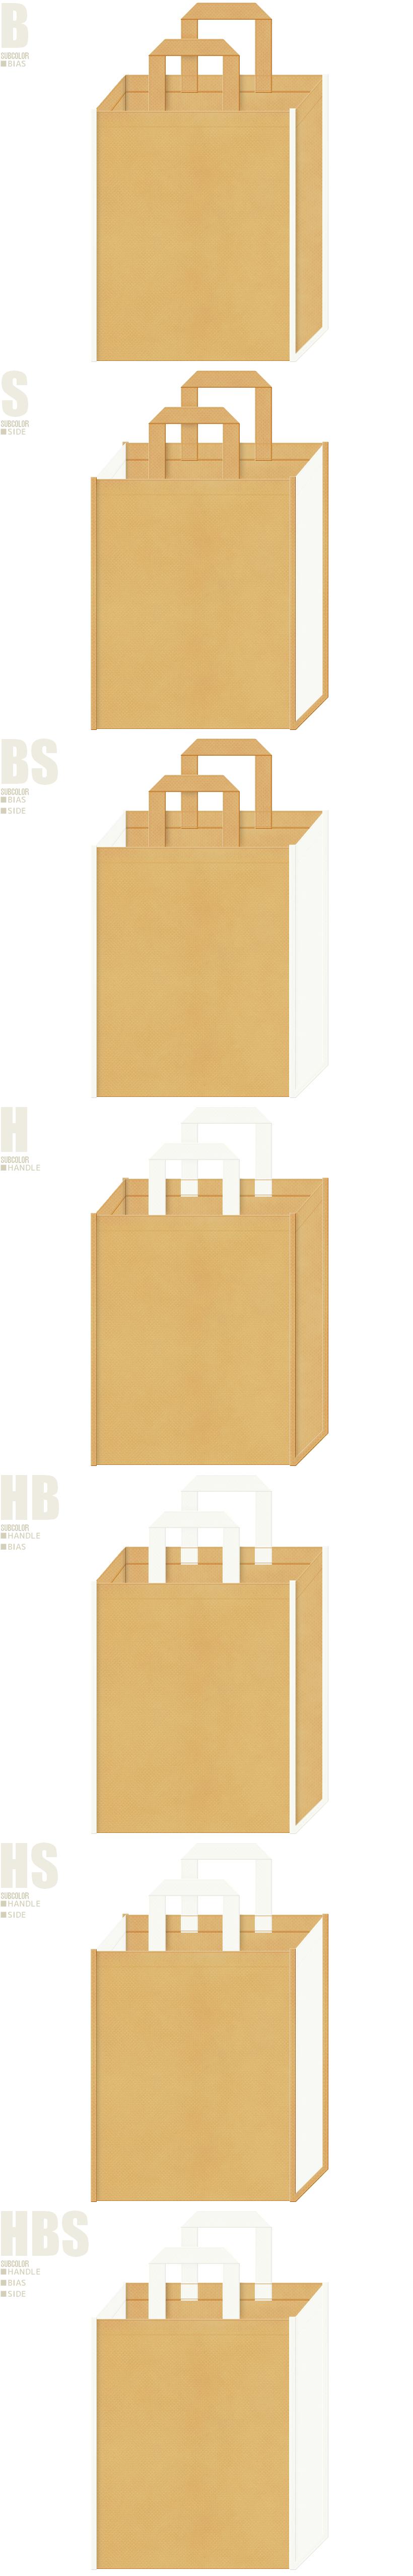 スイーツのショッピングバッグにお奨めの薄黄土色とオフホワイト色、7パターンの不織布トートバッグ配色デザイン例。クレープ風。